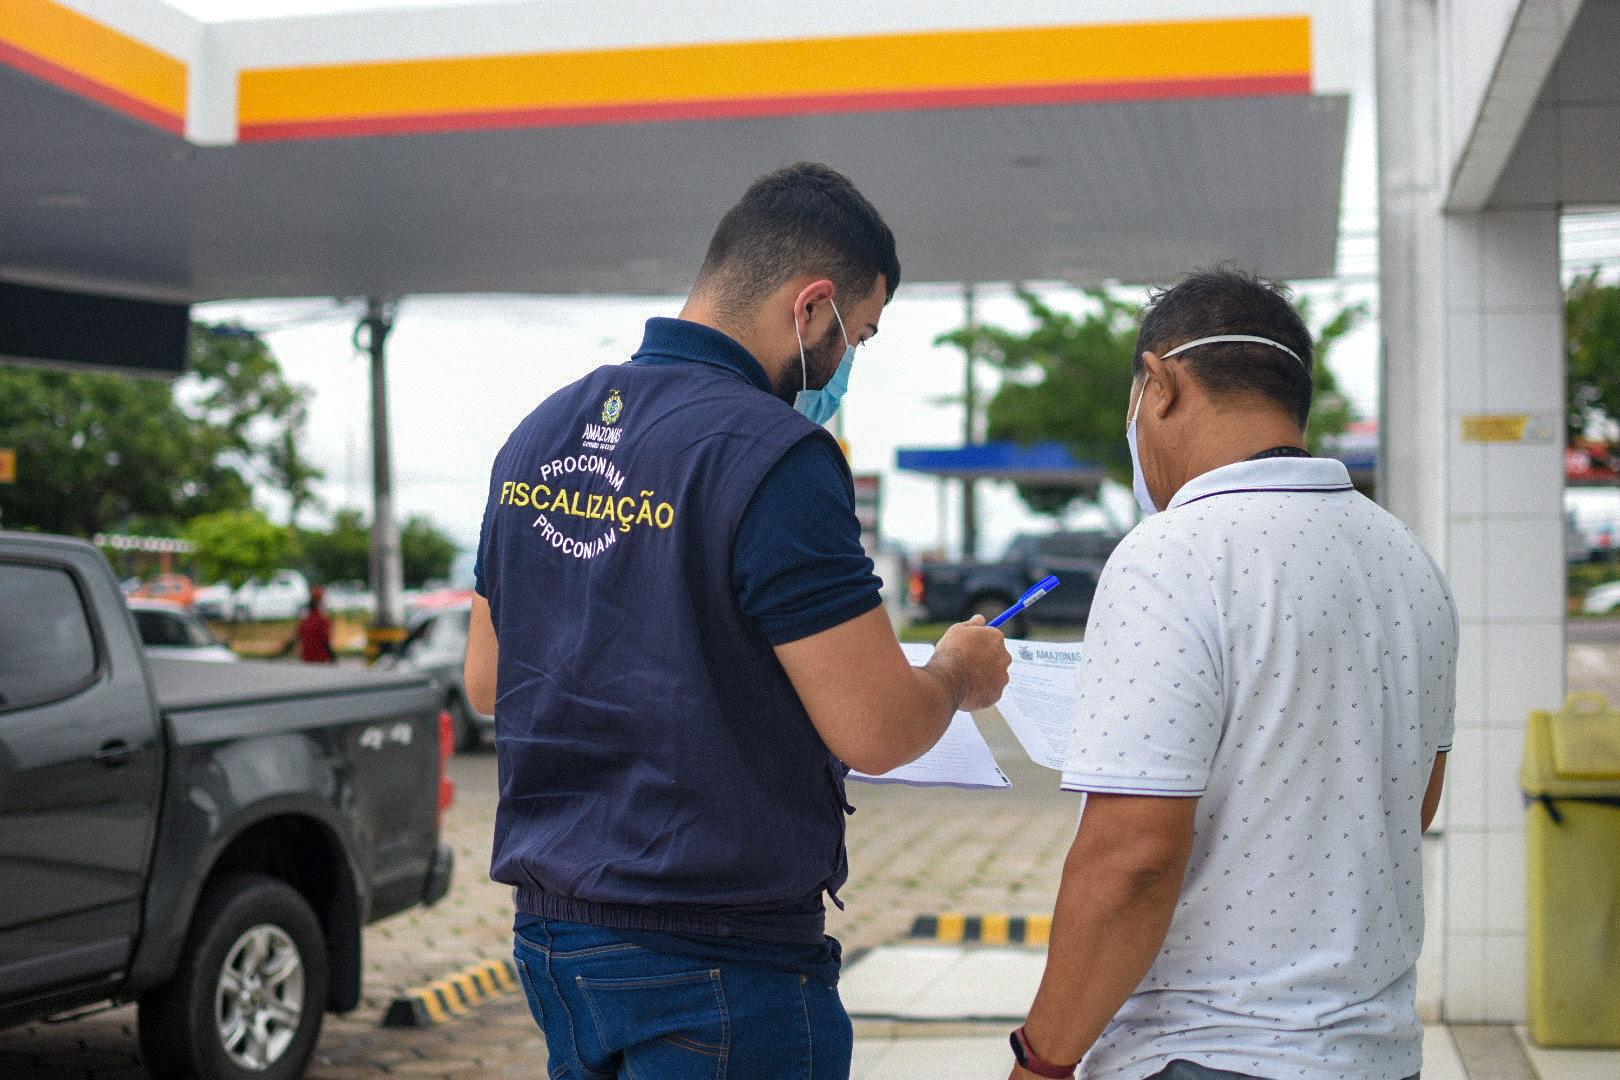 Mais de 50 postos de combustíveis foram notificados por preço de gasolina